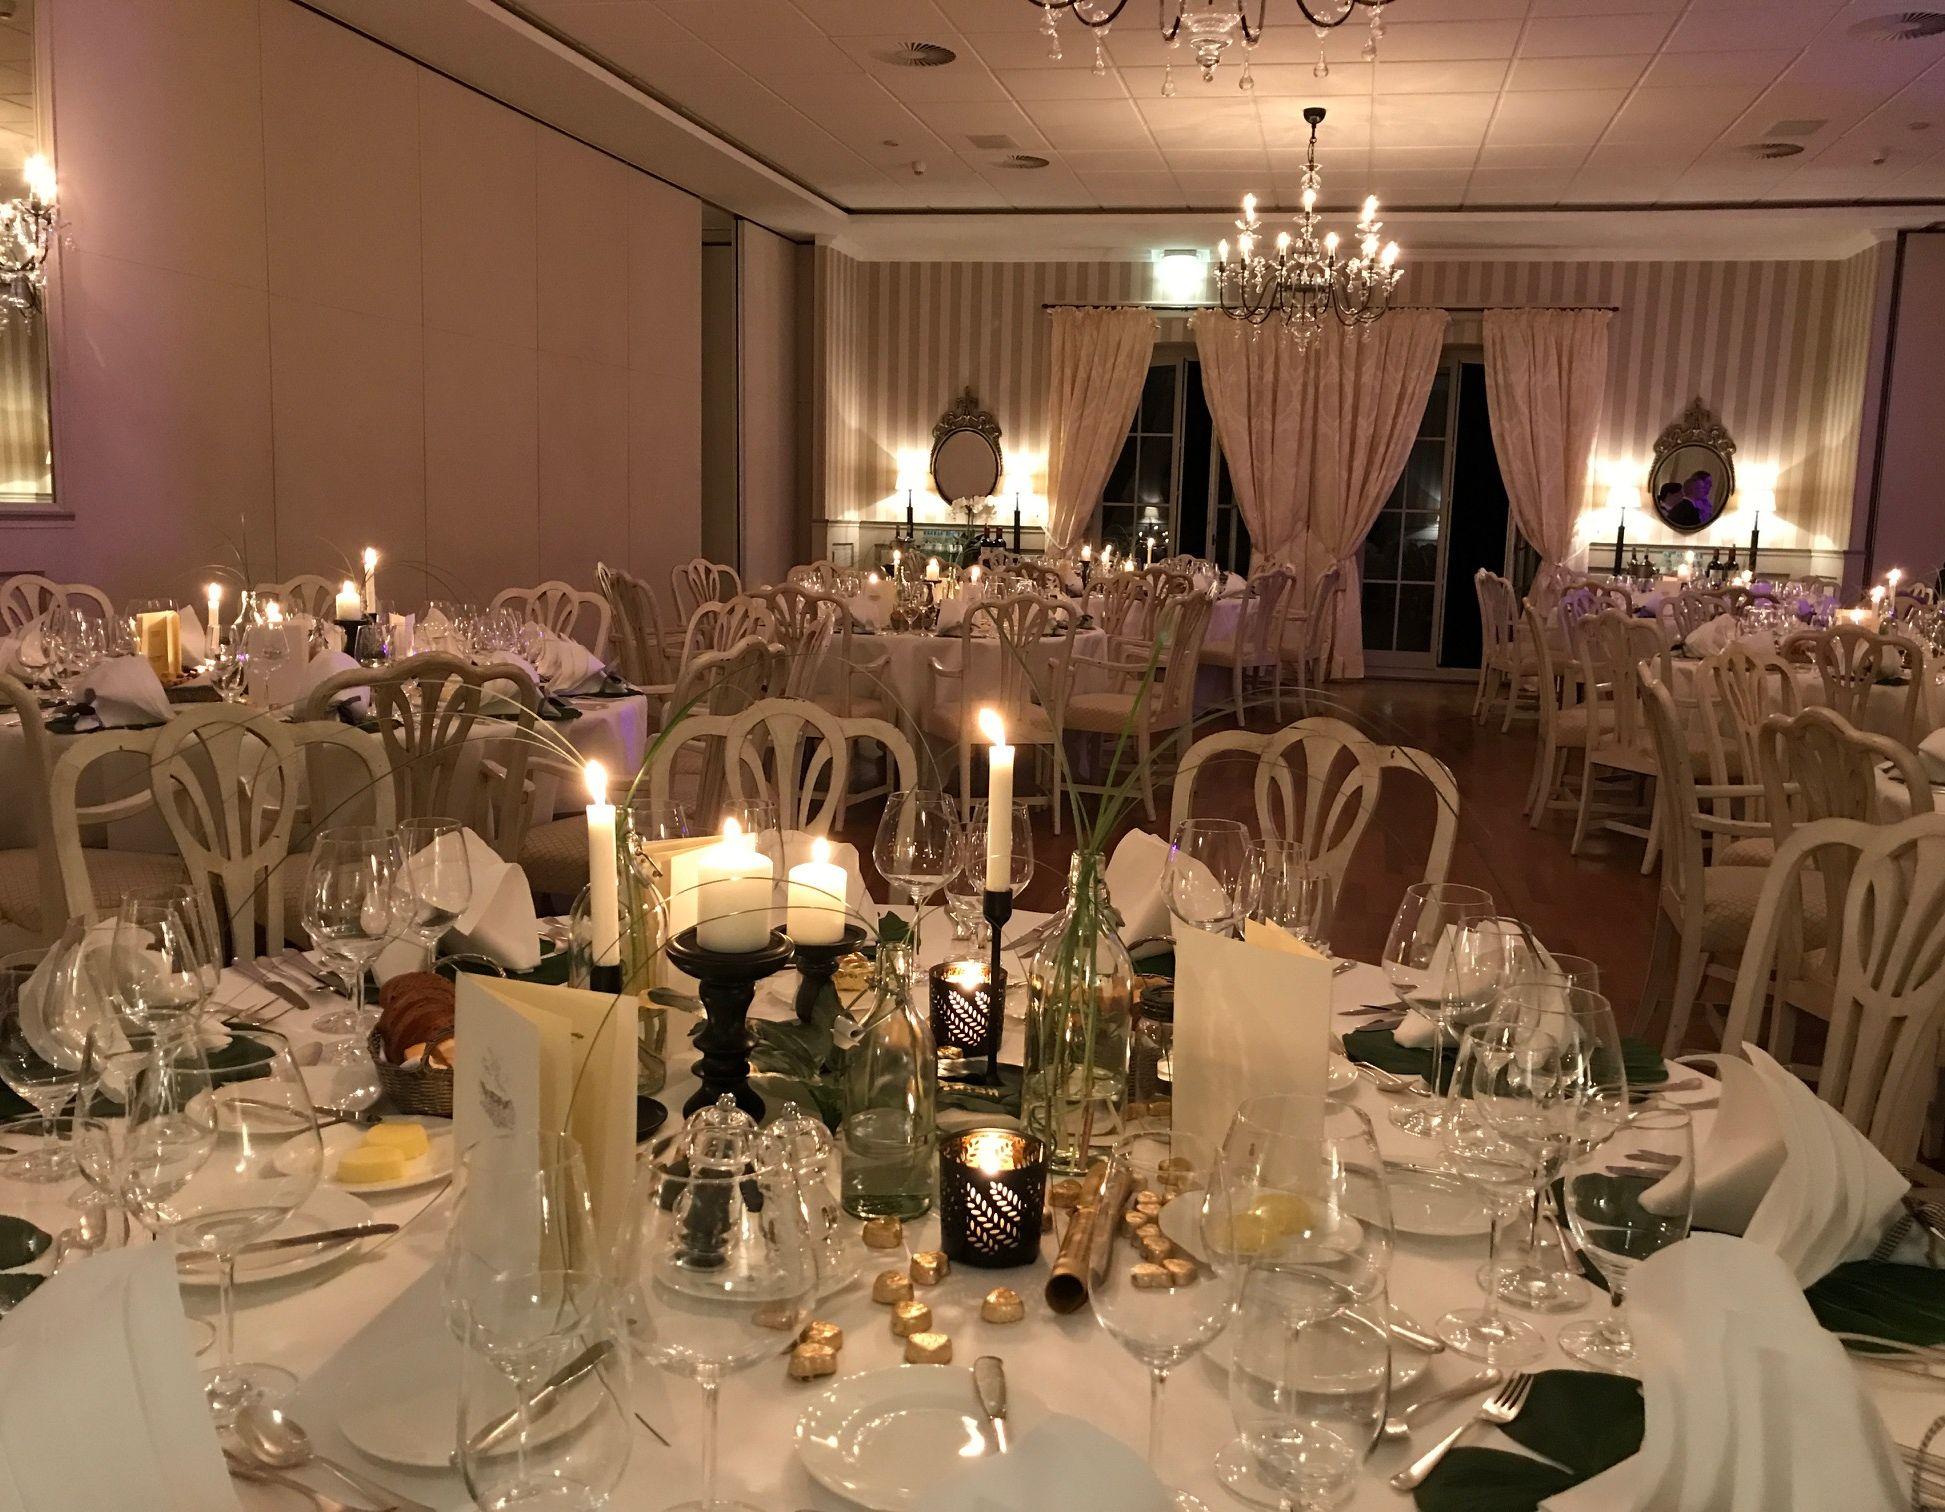 Feiern-Festsaal-runde-Tische-Hochzeit